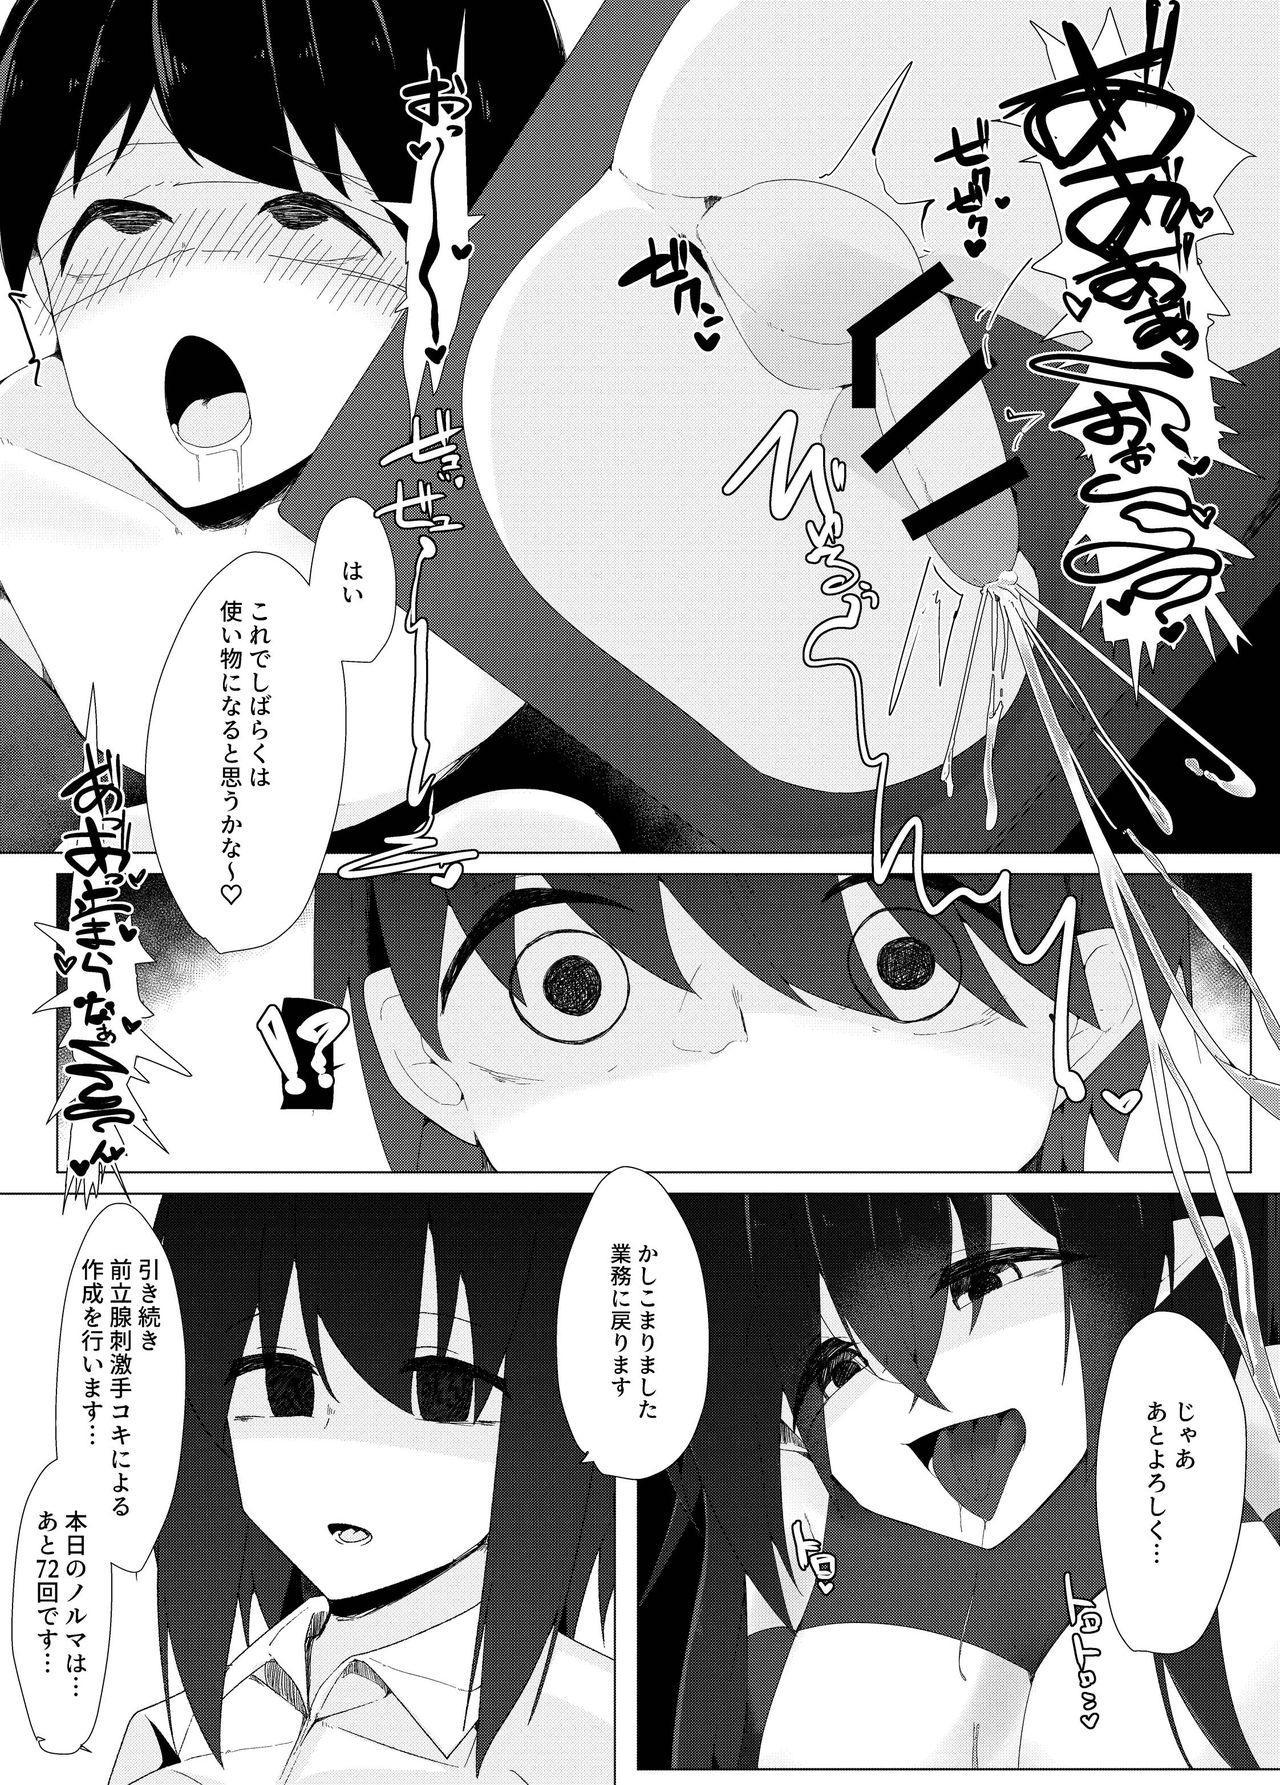 Tenkousei no Succubus ga 〇 Gakkou o Nottori Sakusei Shisetsu ni Shichau Hanashi 14